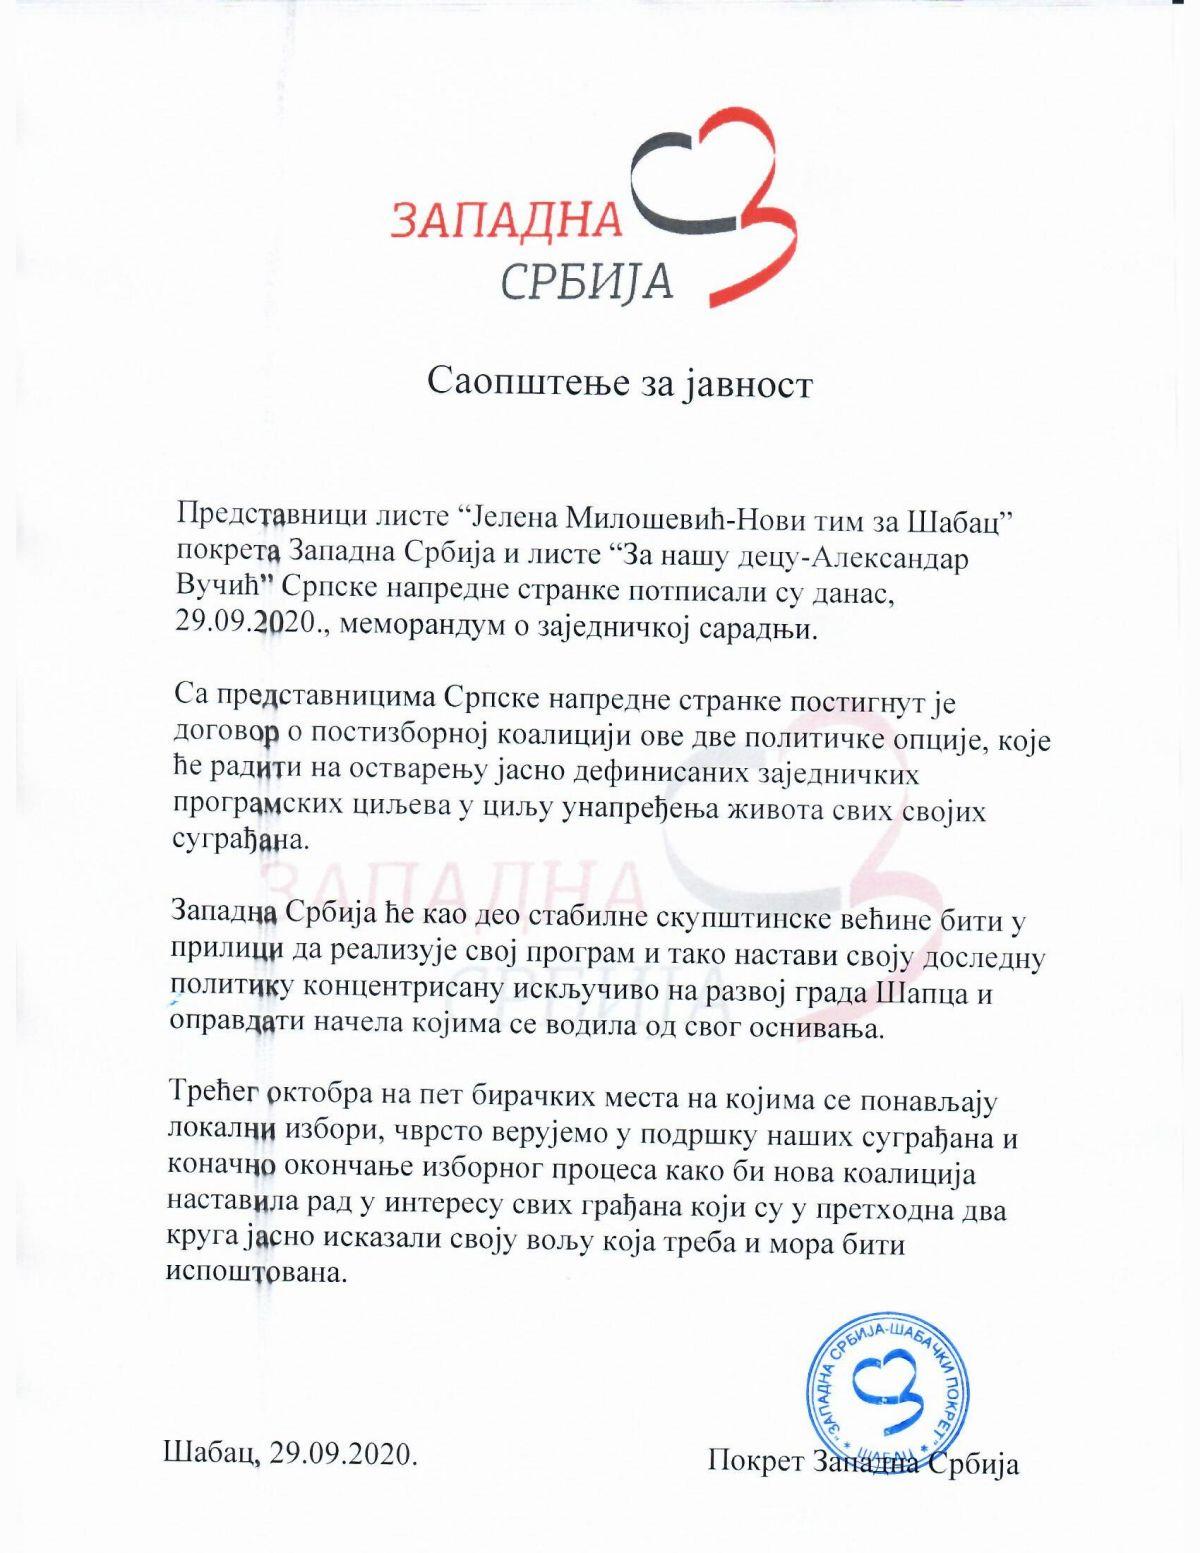 Memorandum o zajedničkoj saradnji sa SNS